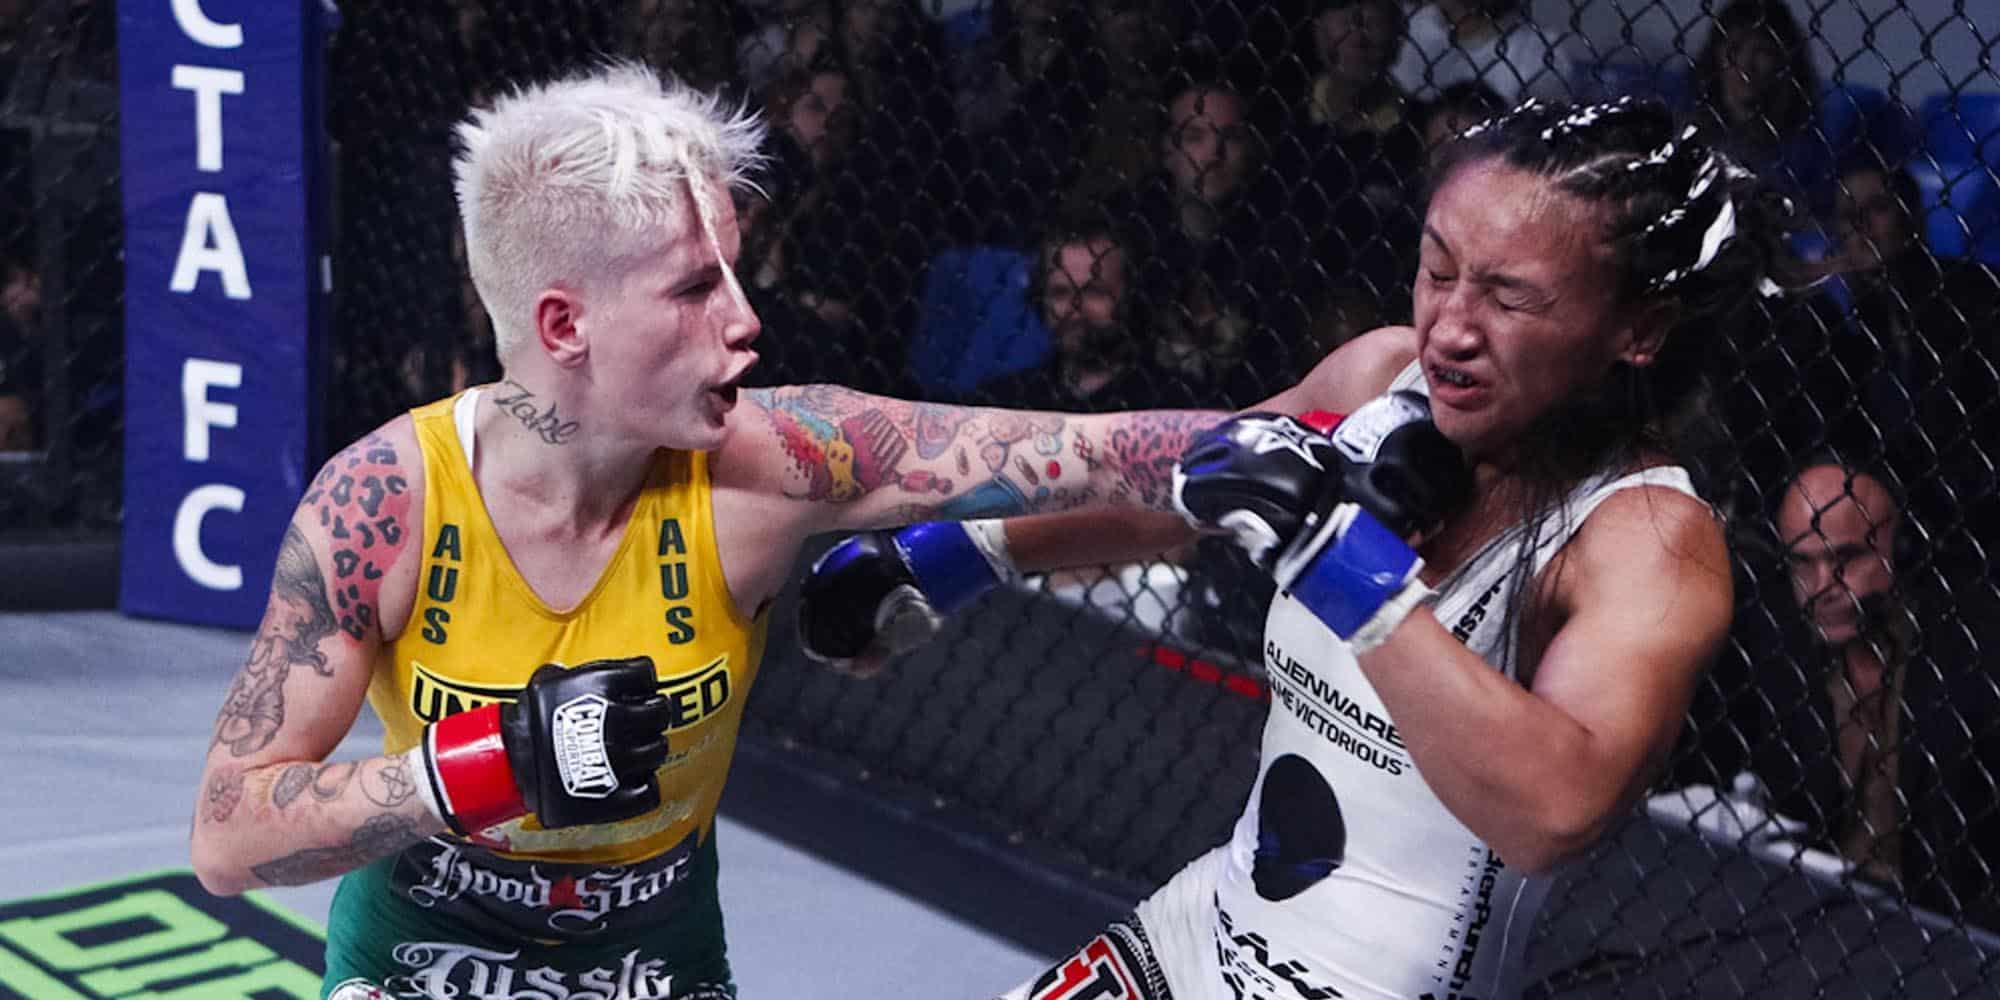 ¿Transexual mató a una mujer en combate de MMA? ¡FALSO! 1